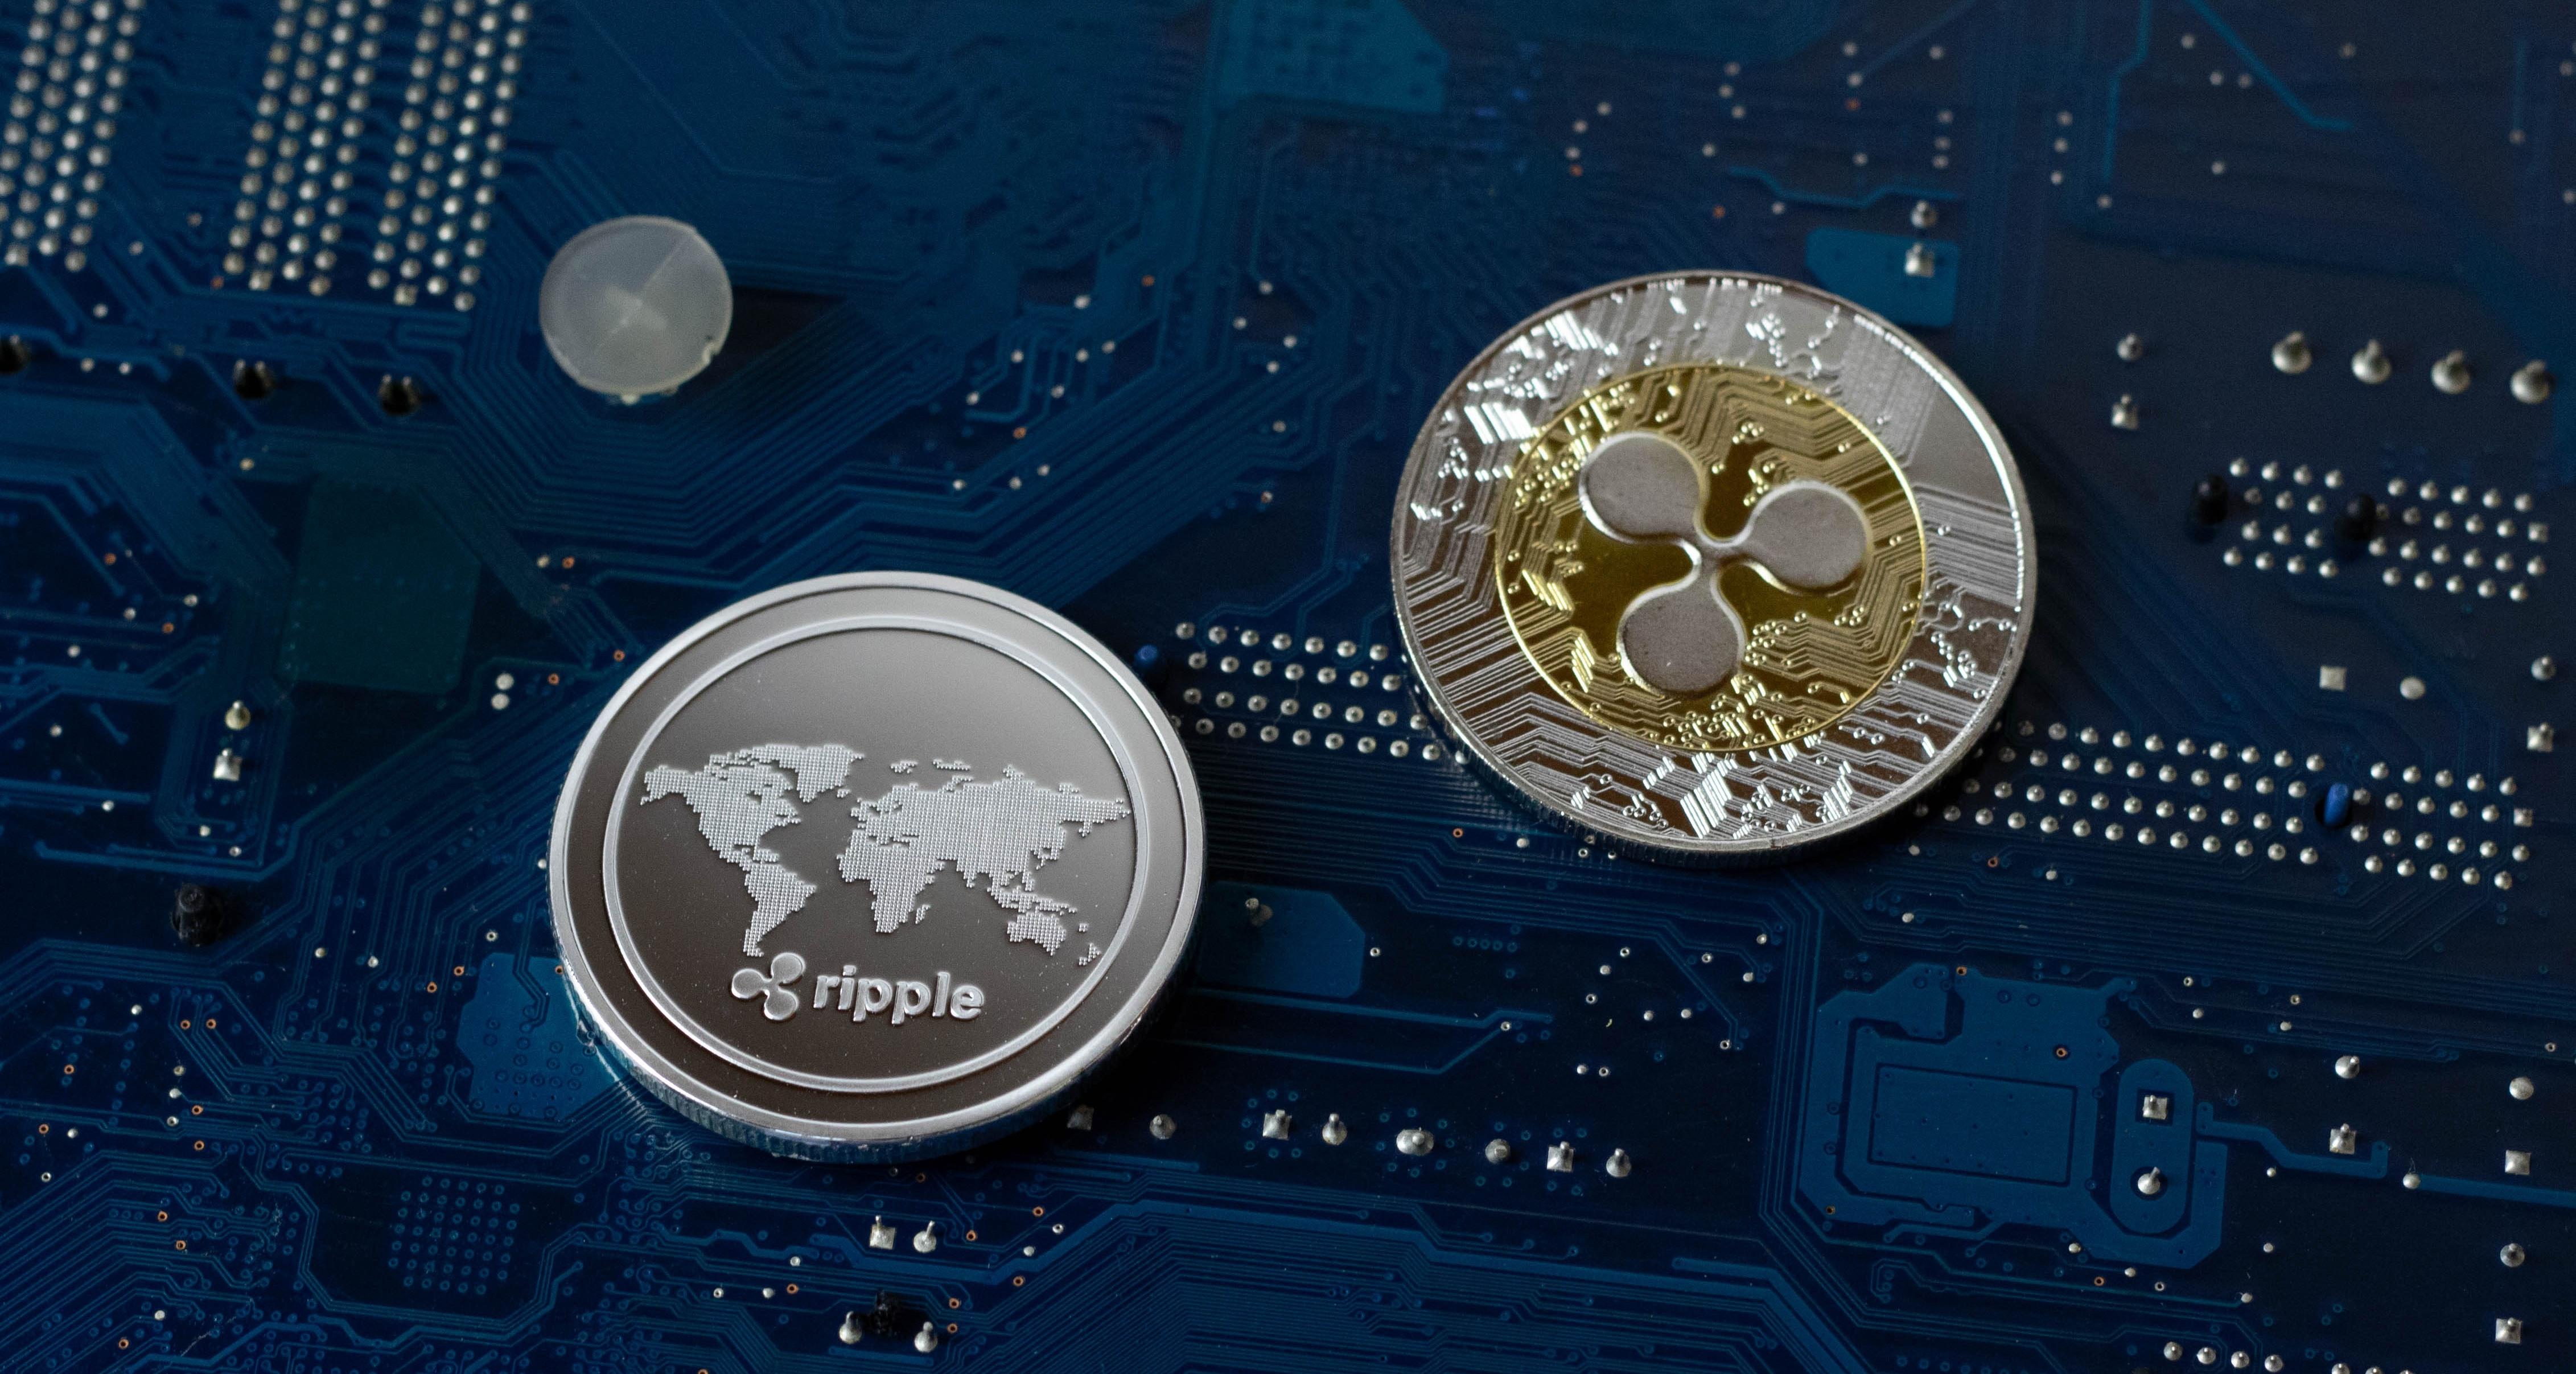 Ripple будет сотрудничать с ЦБ в разработке CBDC